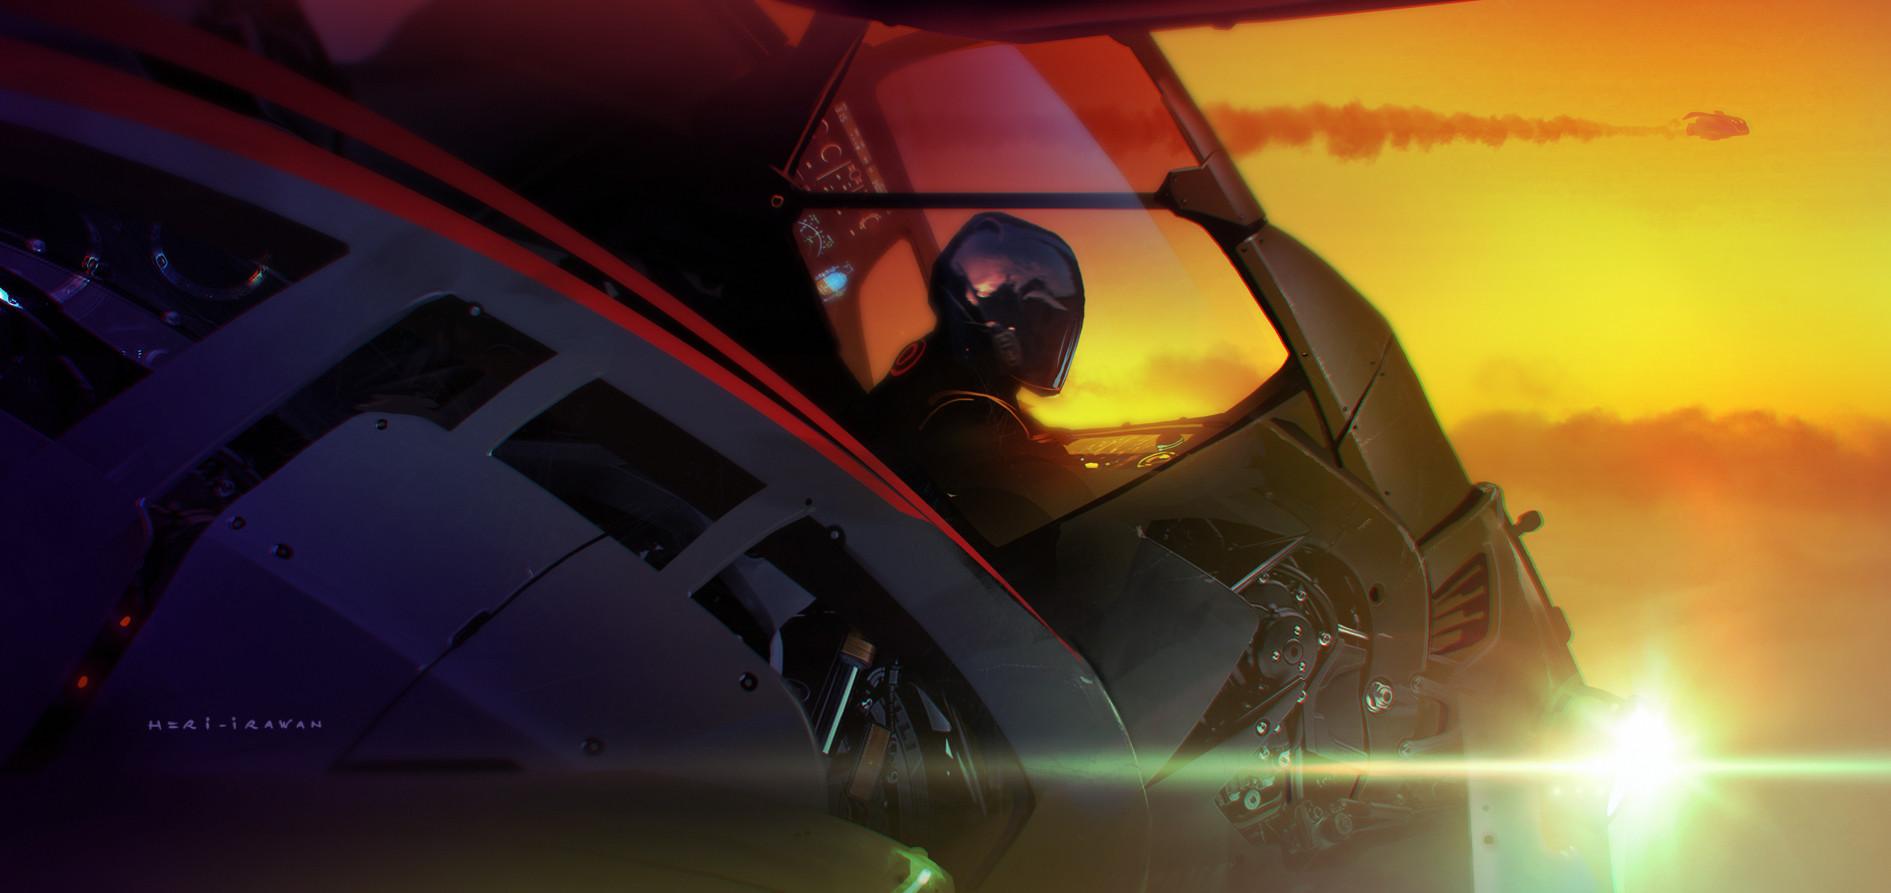 https://cdnb.artstation.com/p/assets/images/images/002/670/295/large/heri-irawan-cockpit.jpg?1464340573